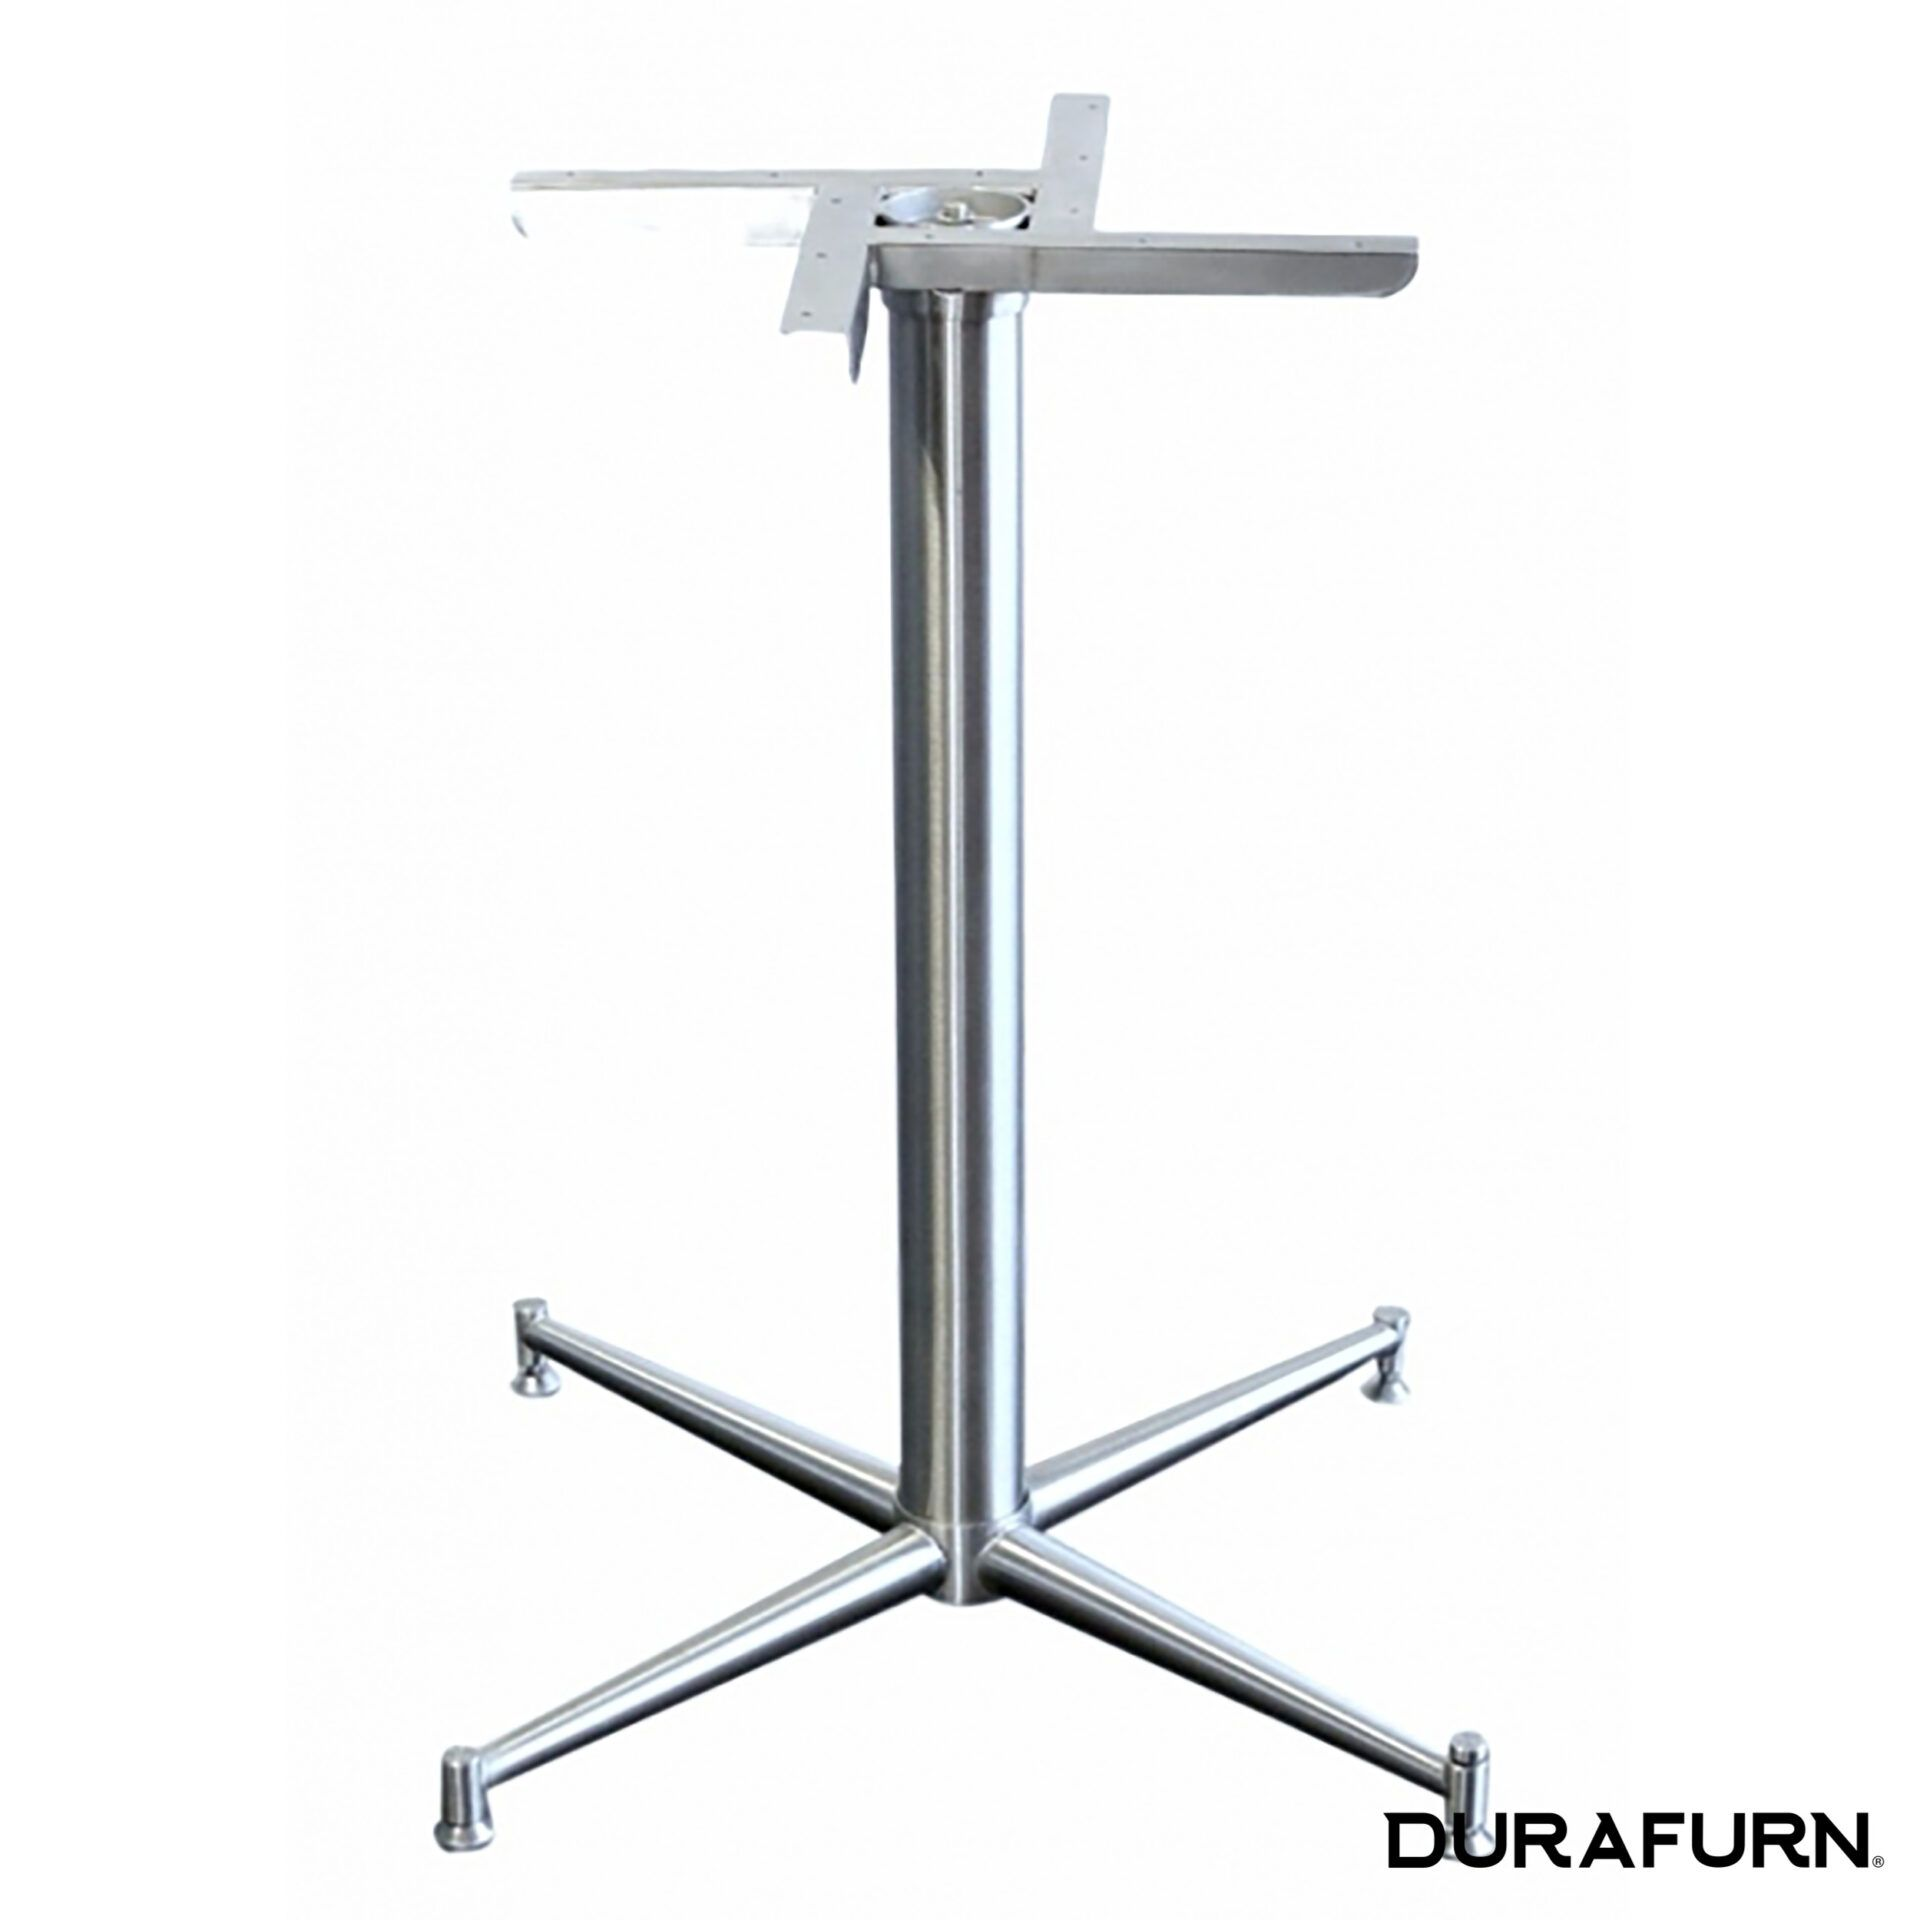 Stirling Table Base m0kgQi